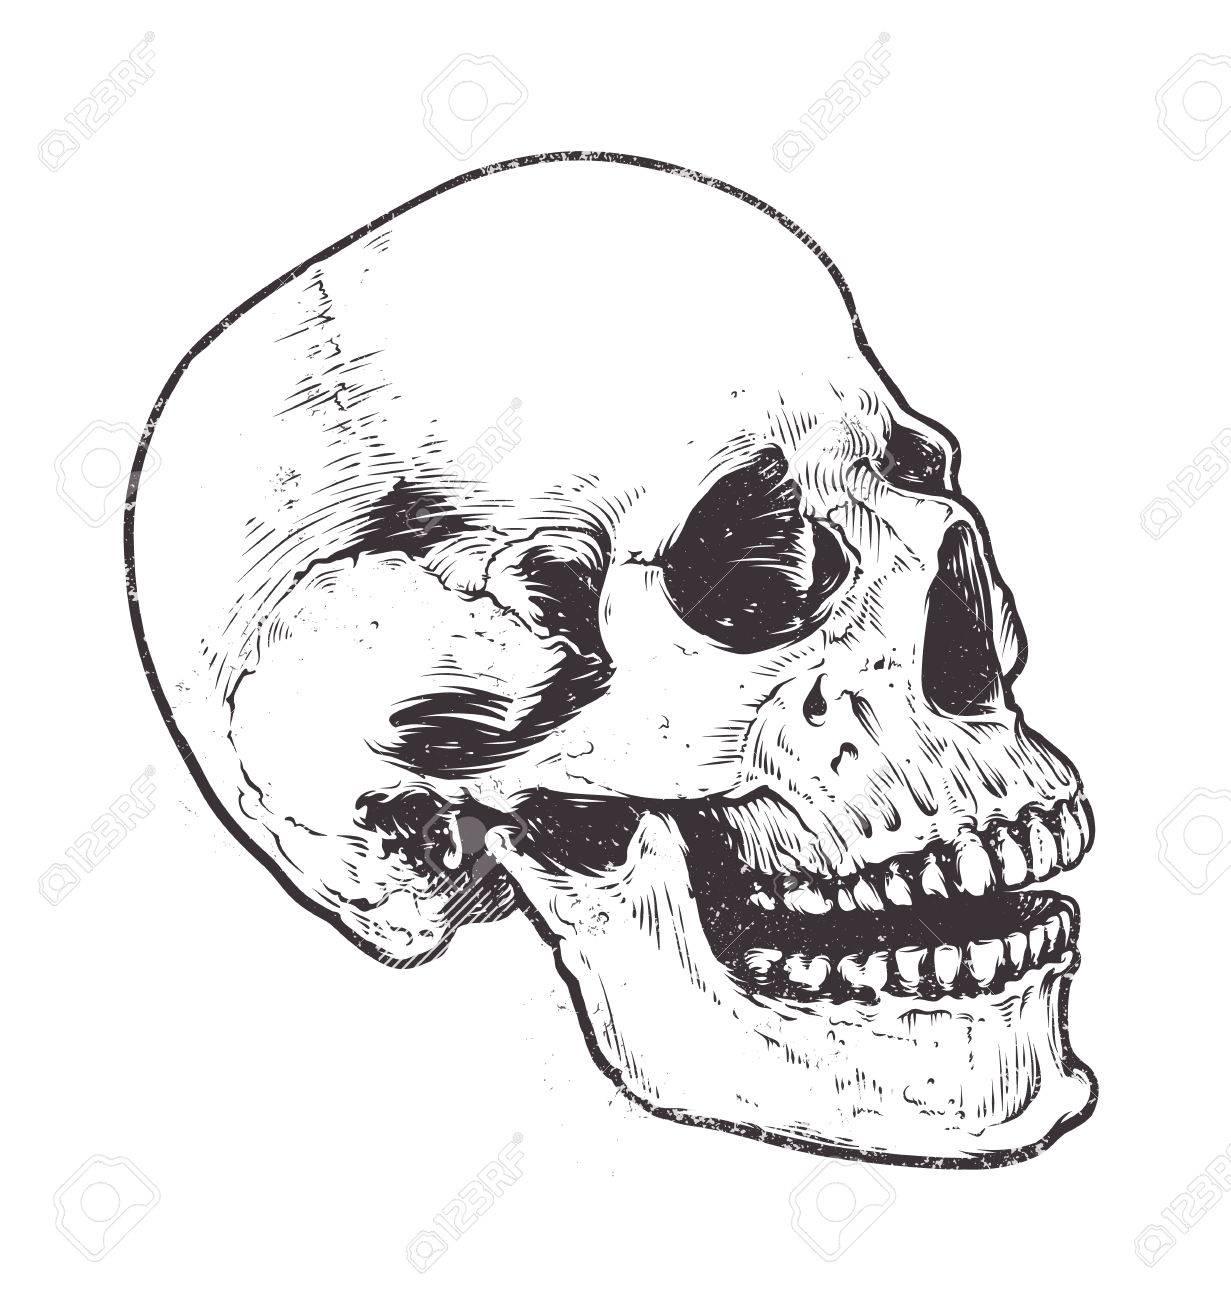 Anatomische Schädel-Vektor Art. Detaillierte Handgezeichnete ...